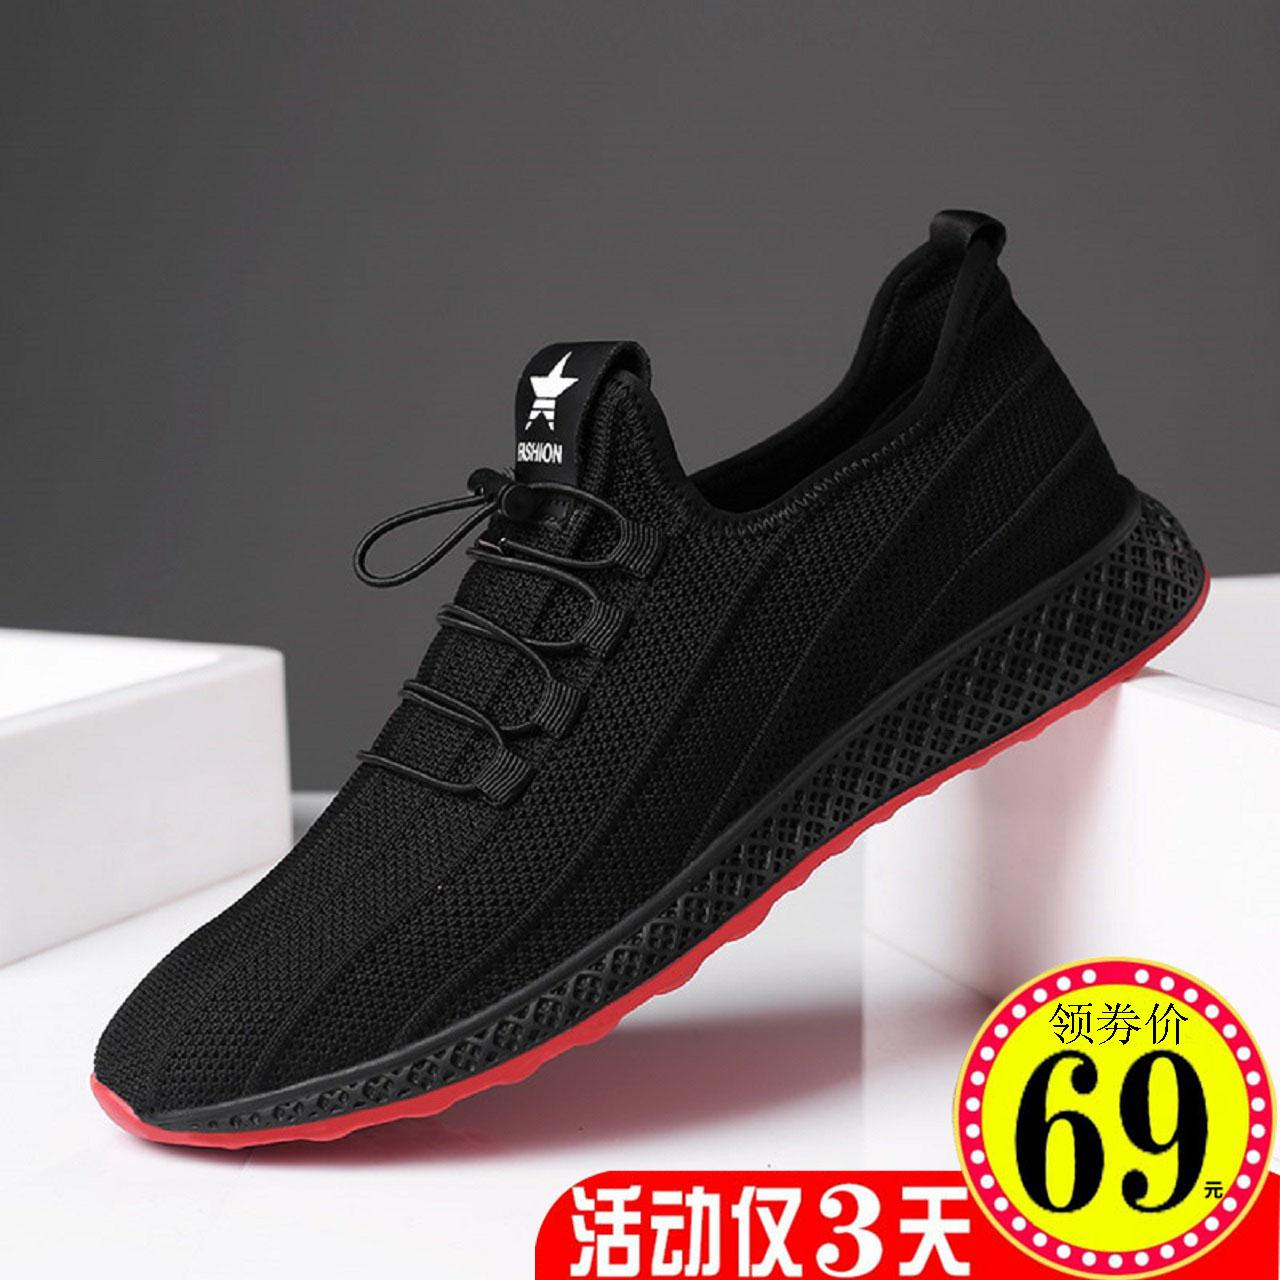 男鞋夏季透气休闲鞋韩版潮鞋青年百搭网面运动跑步鞋网鞋潮流鞋子